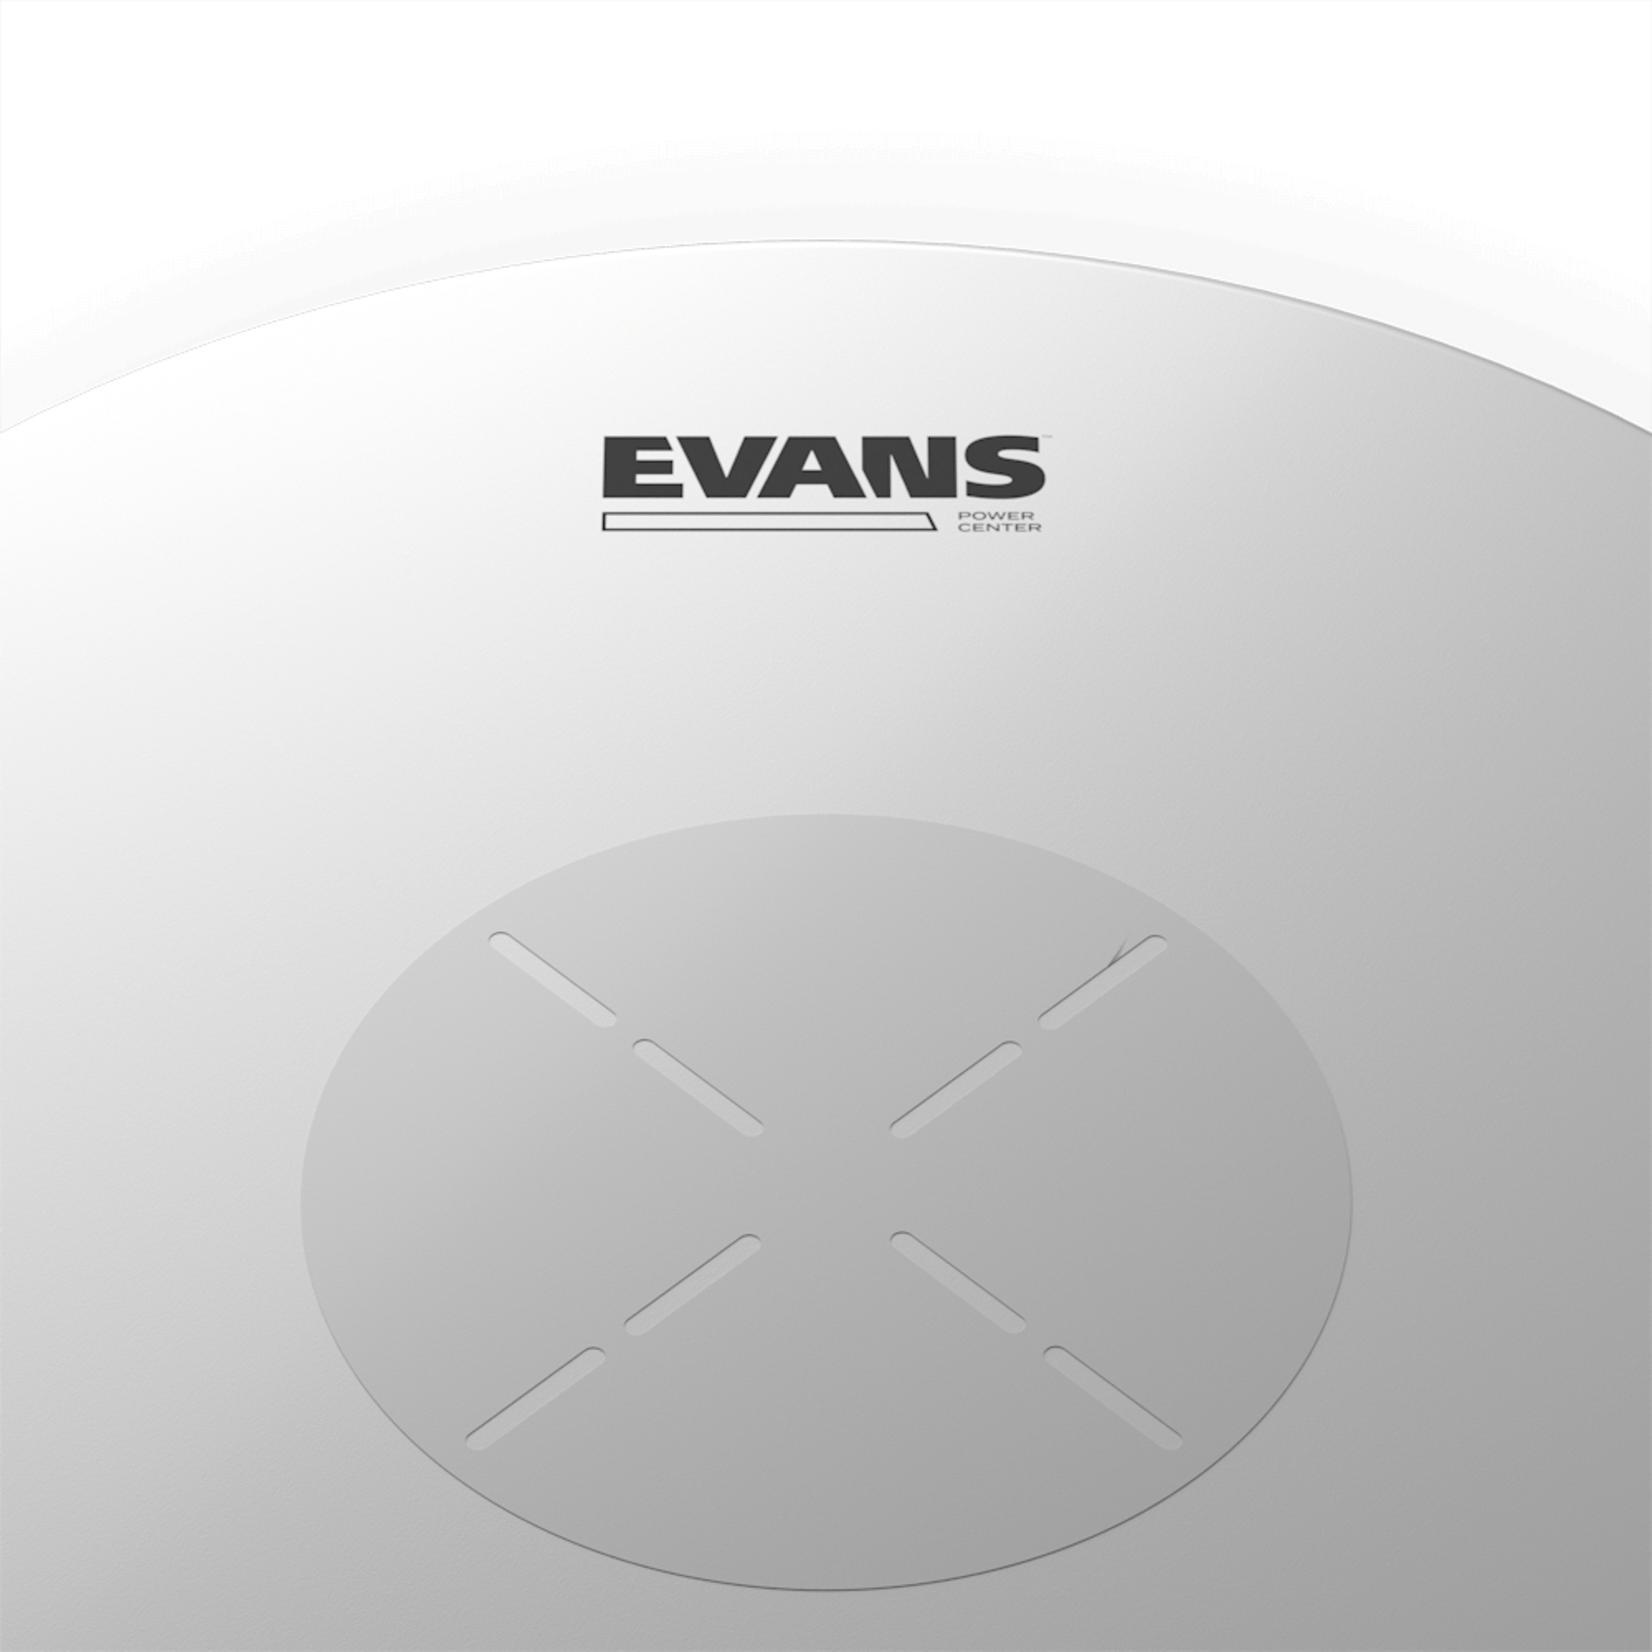 Evans EVANS POWER CENTER REVERSE DOT